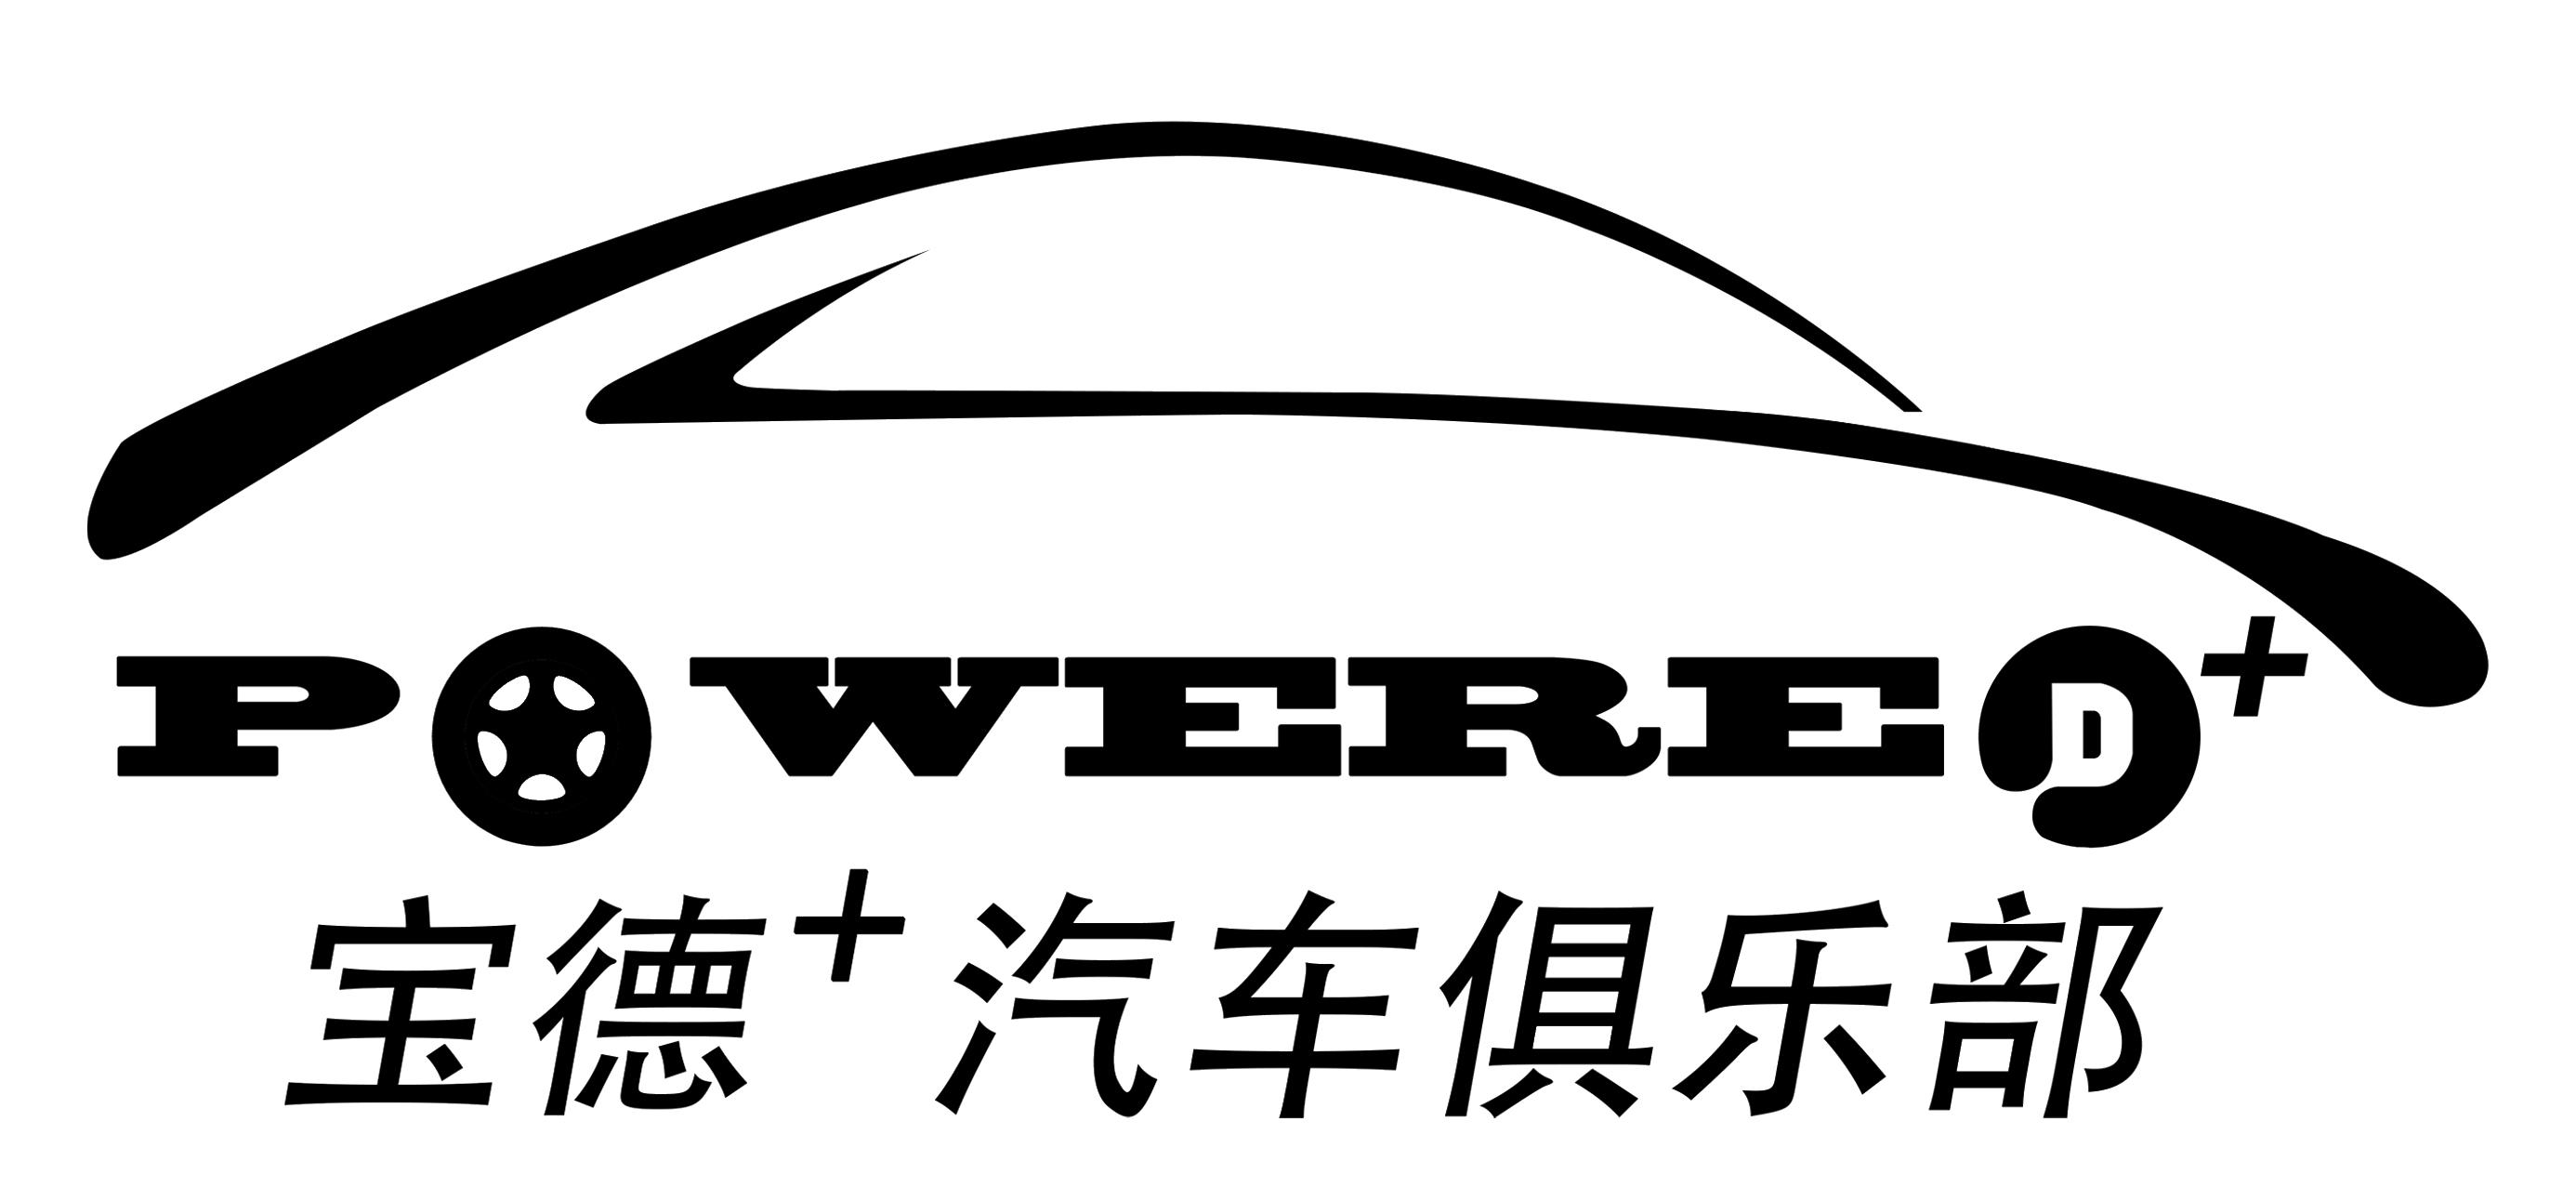 安徽宝加德汽车贸易有限公司